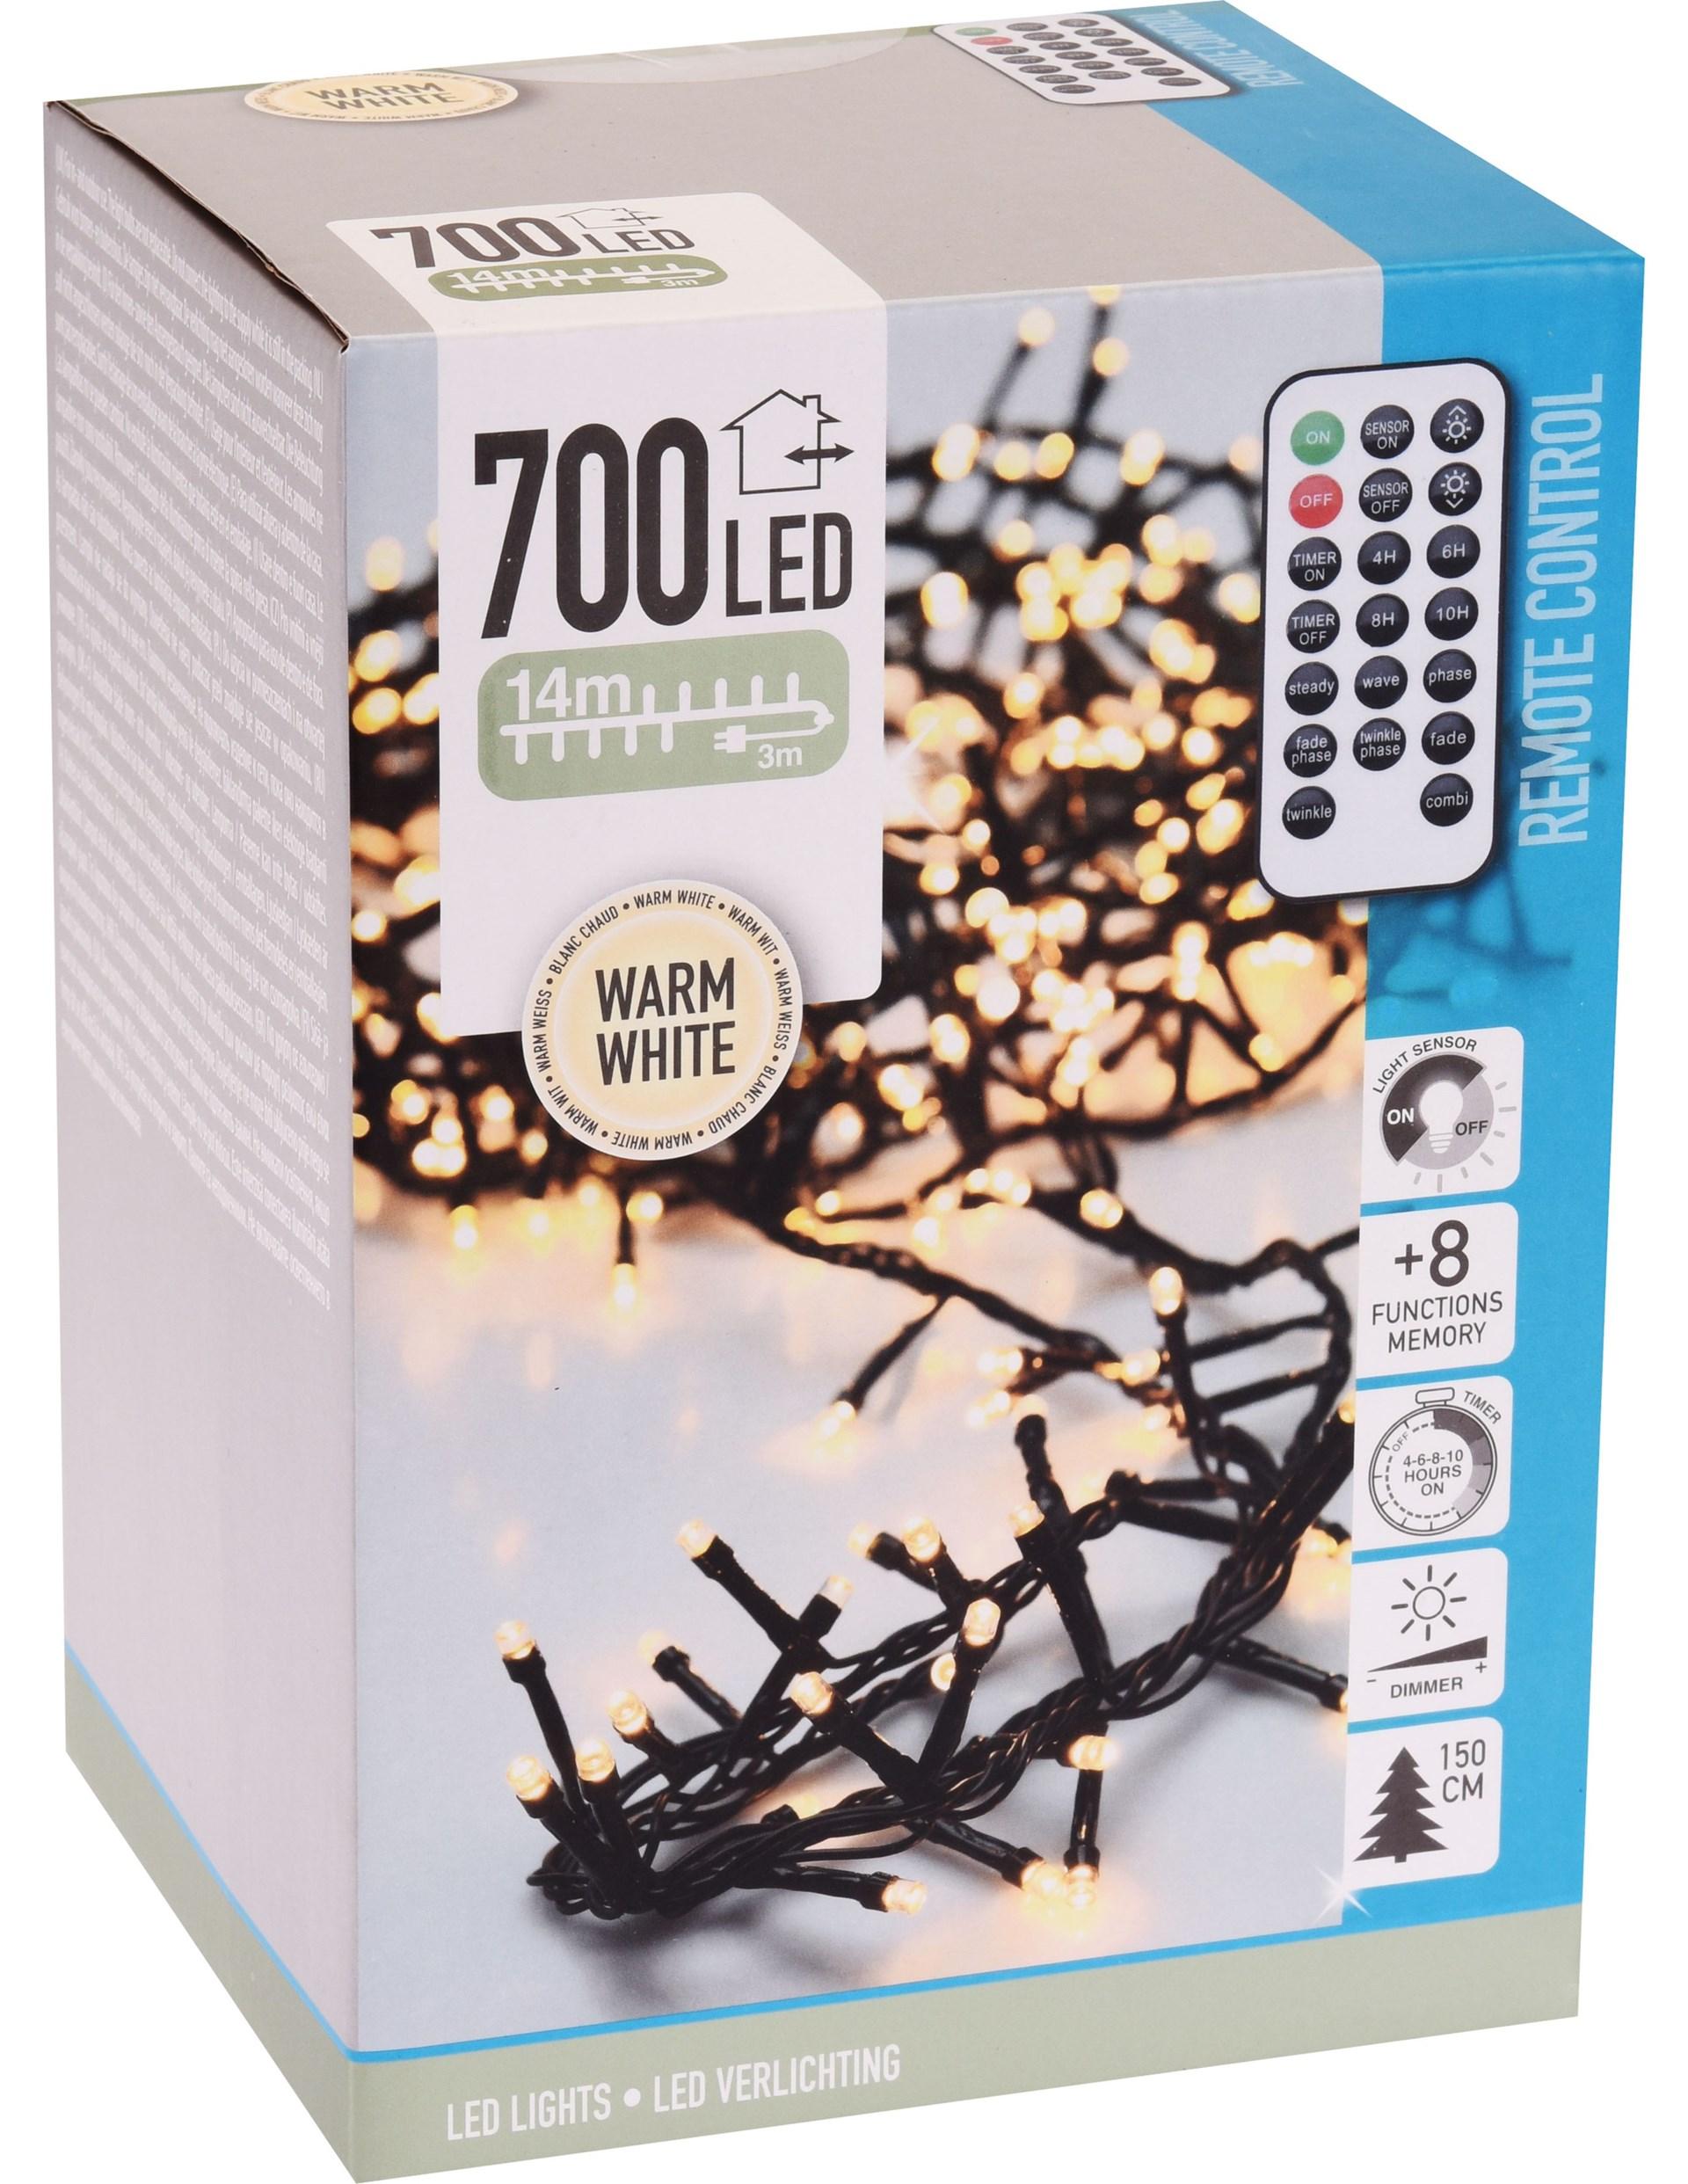 Toppen MicroCluster 700 LED Warm White - Dekorativ 14 m lång kluster-LED GA-45